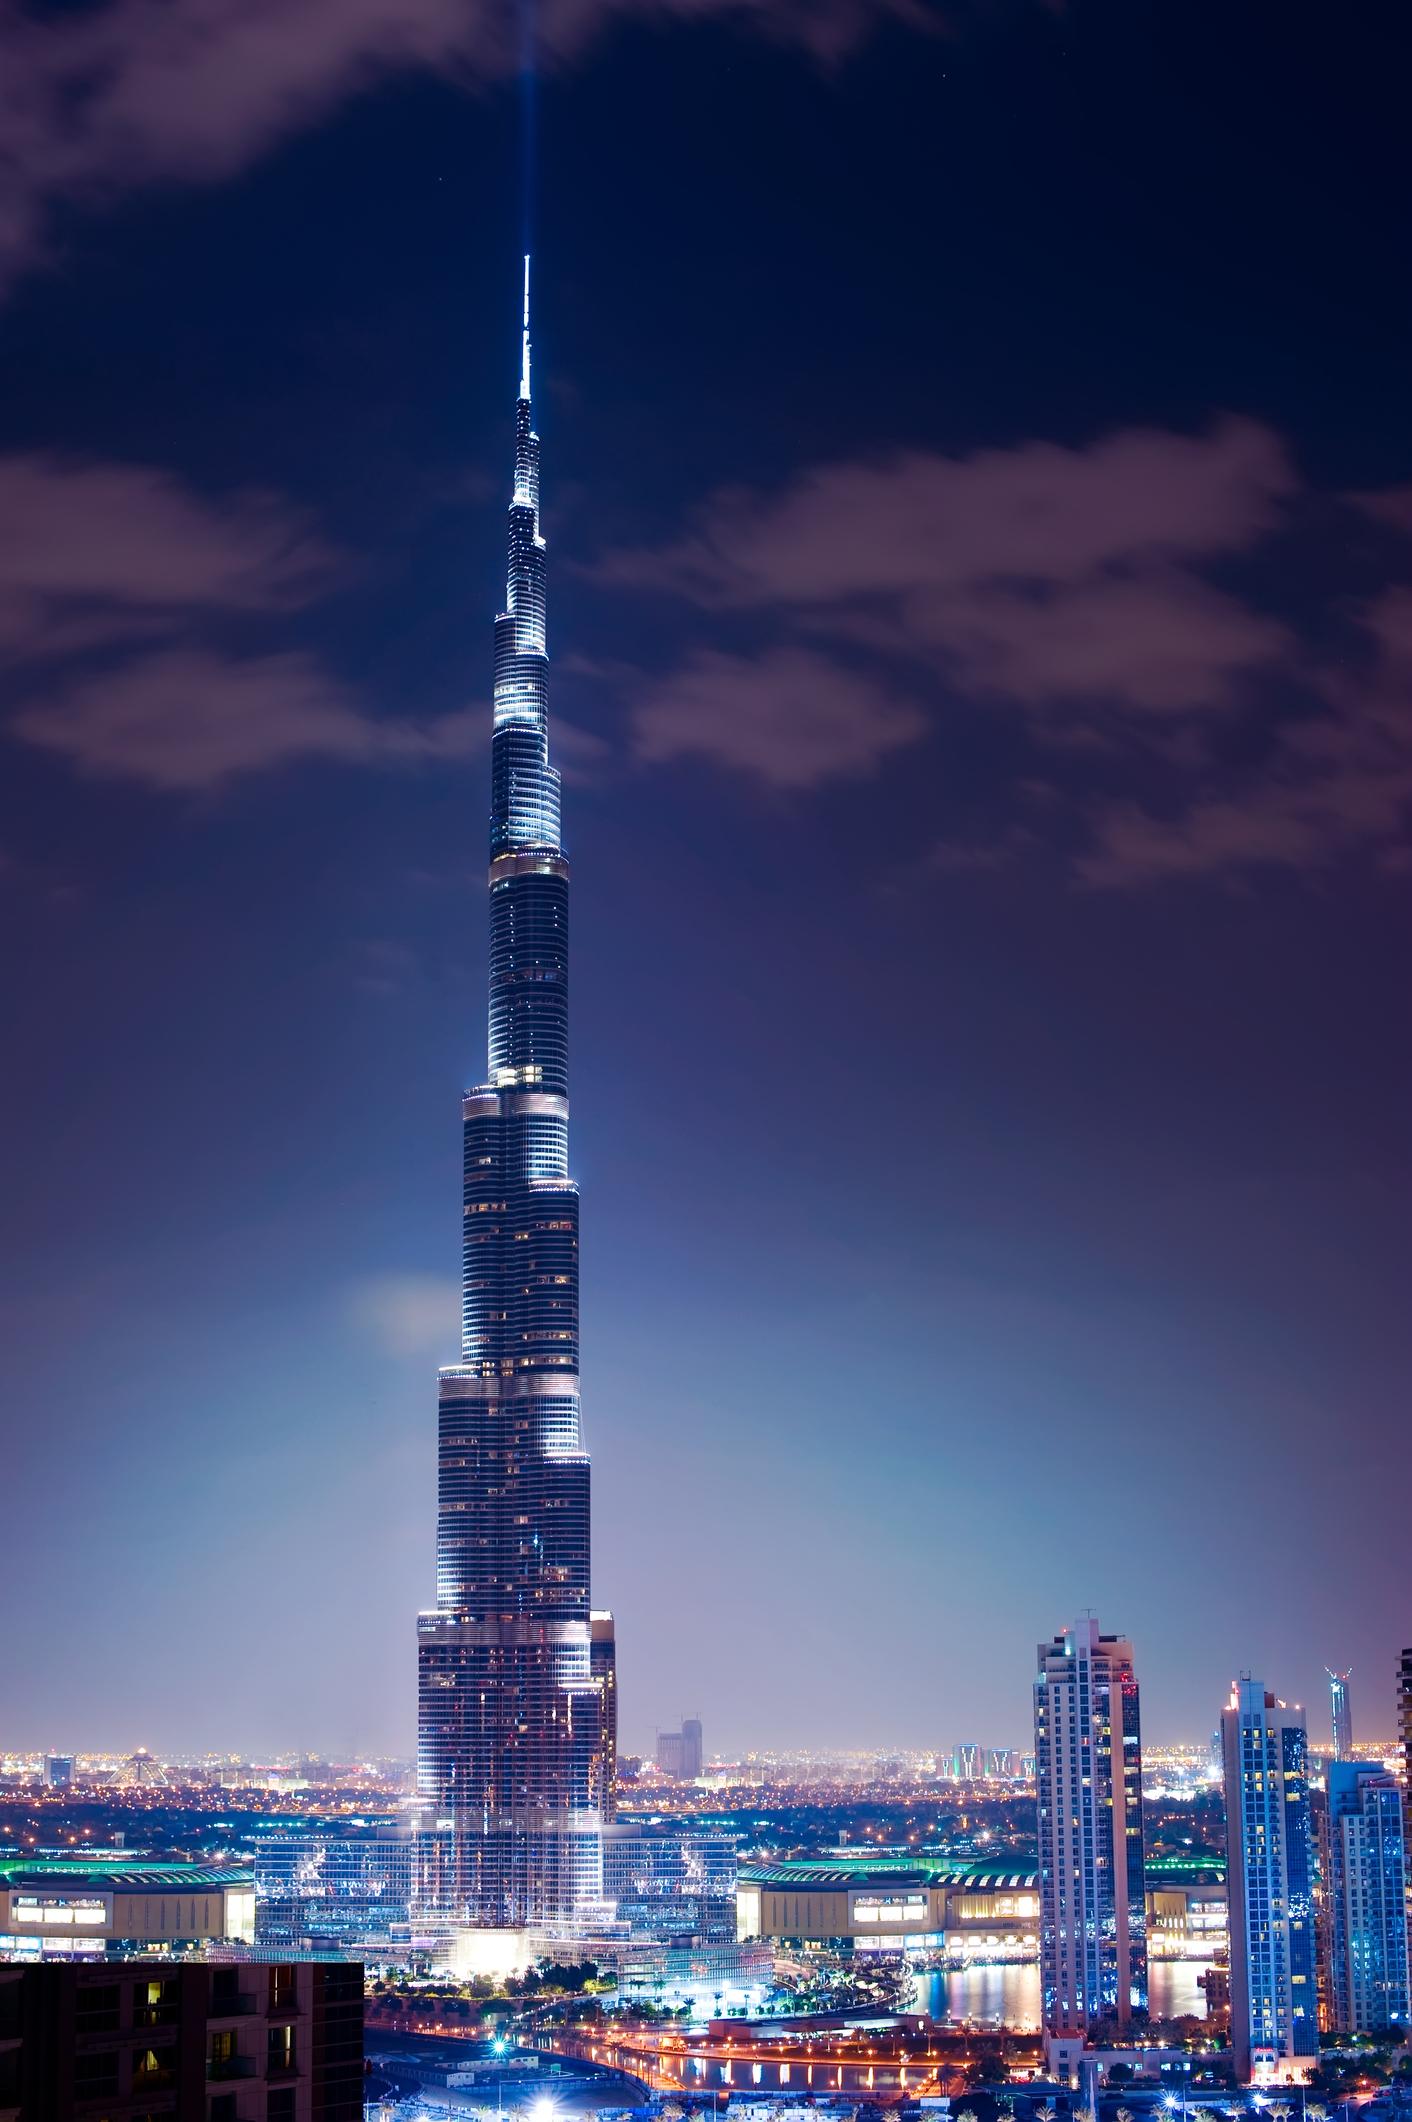 صور اكبر برج في العالم ، برج خليفة روعة في التصميم - لقطات